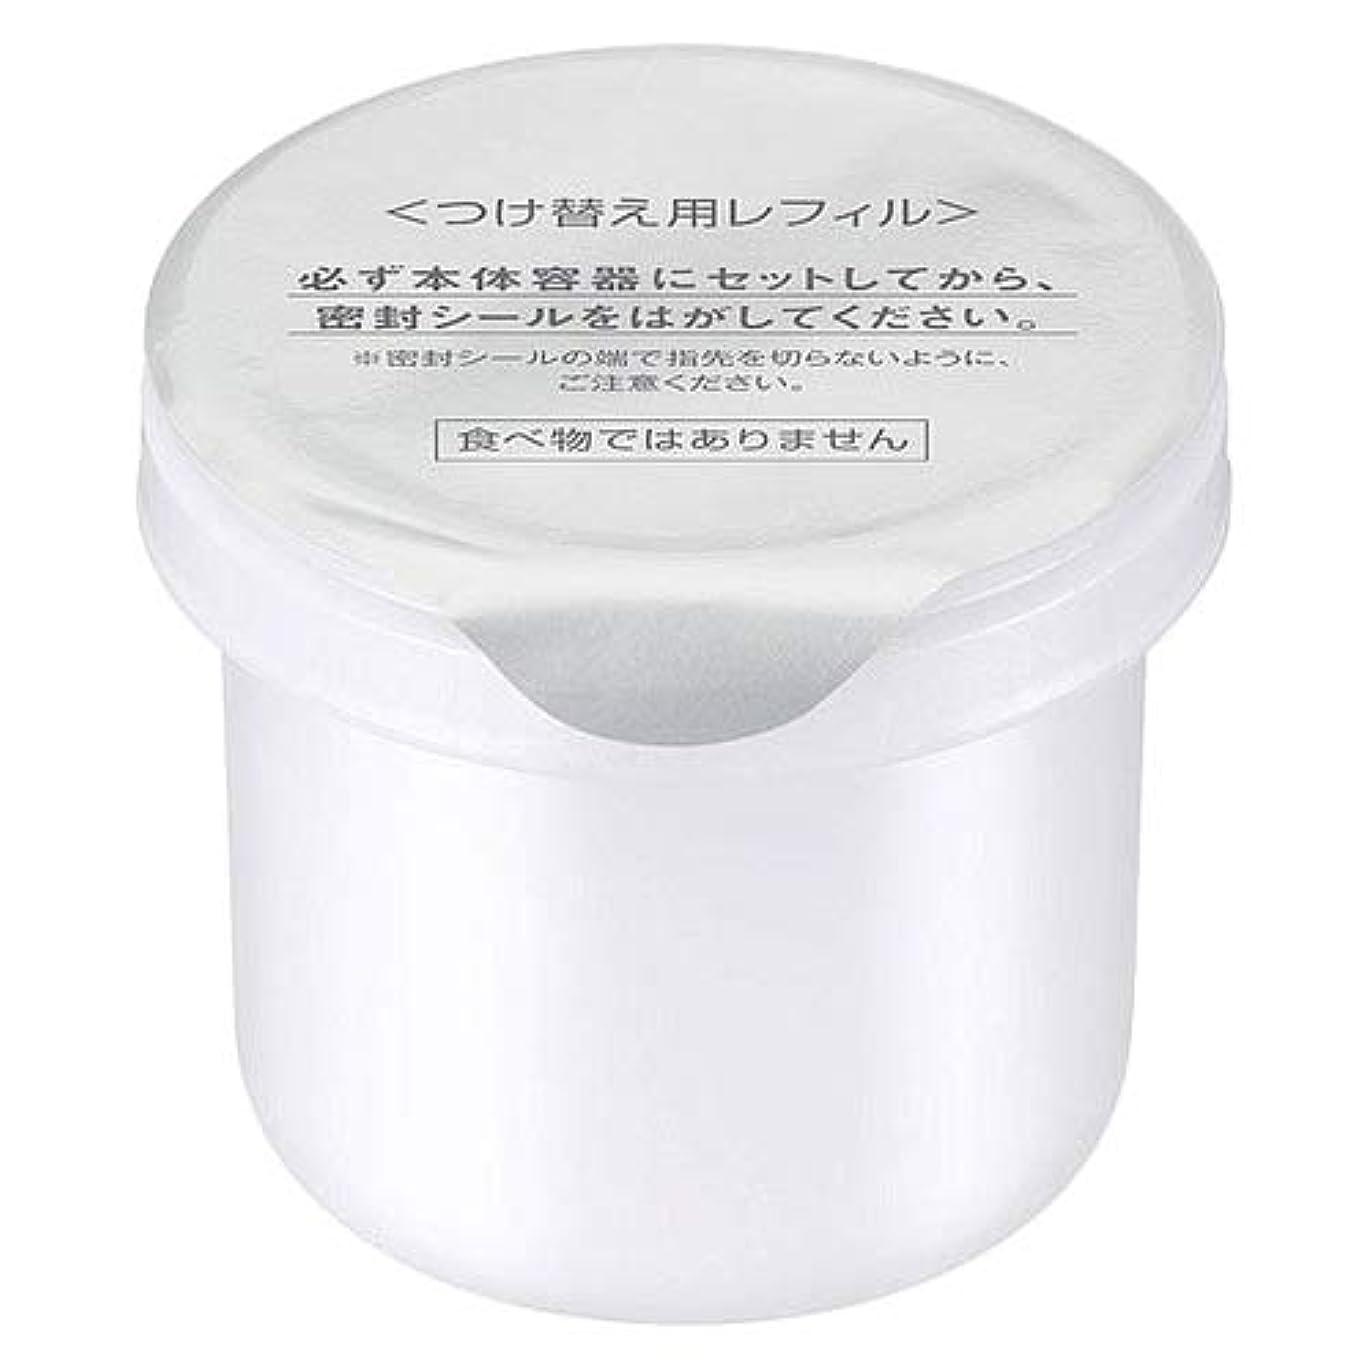 怠けた西脅迫カネボウ デュウ KANEBO DEW ブライトニングクリーム (レフィル) 30g [並行輸入品]